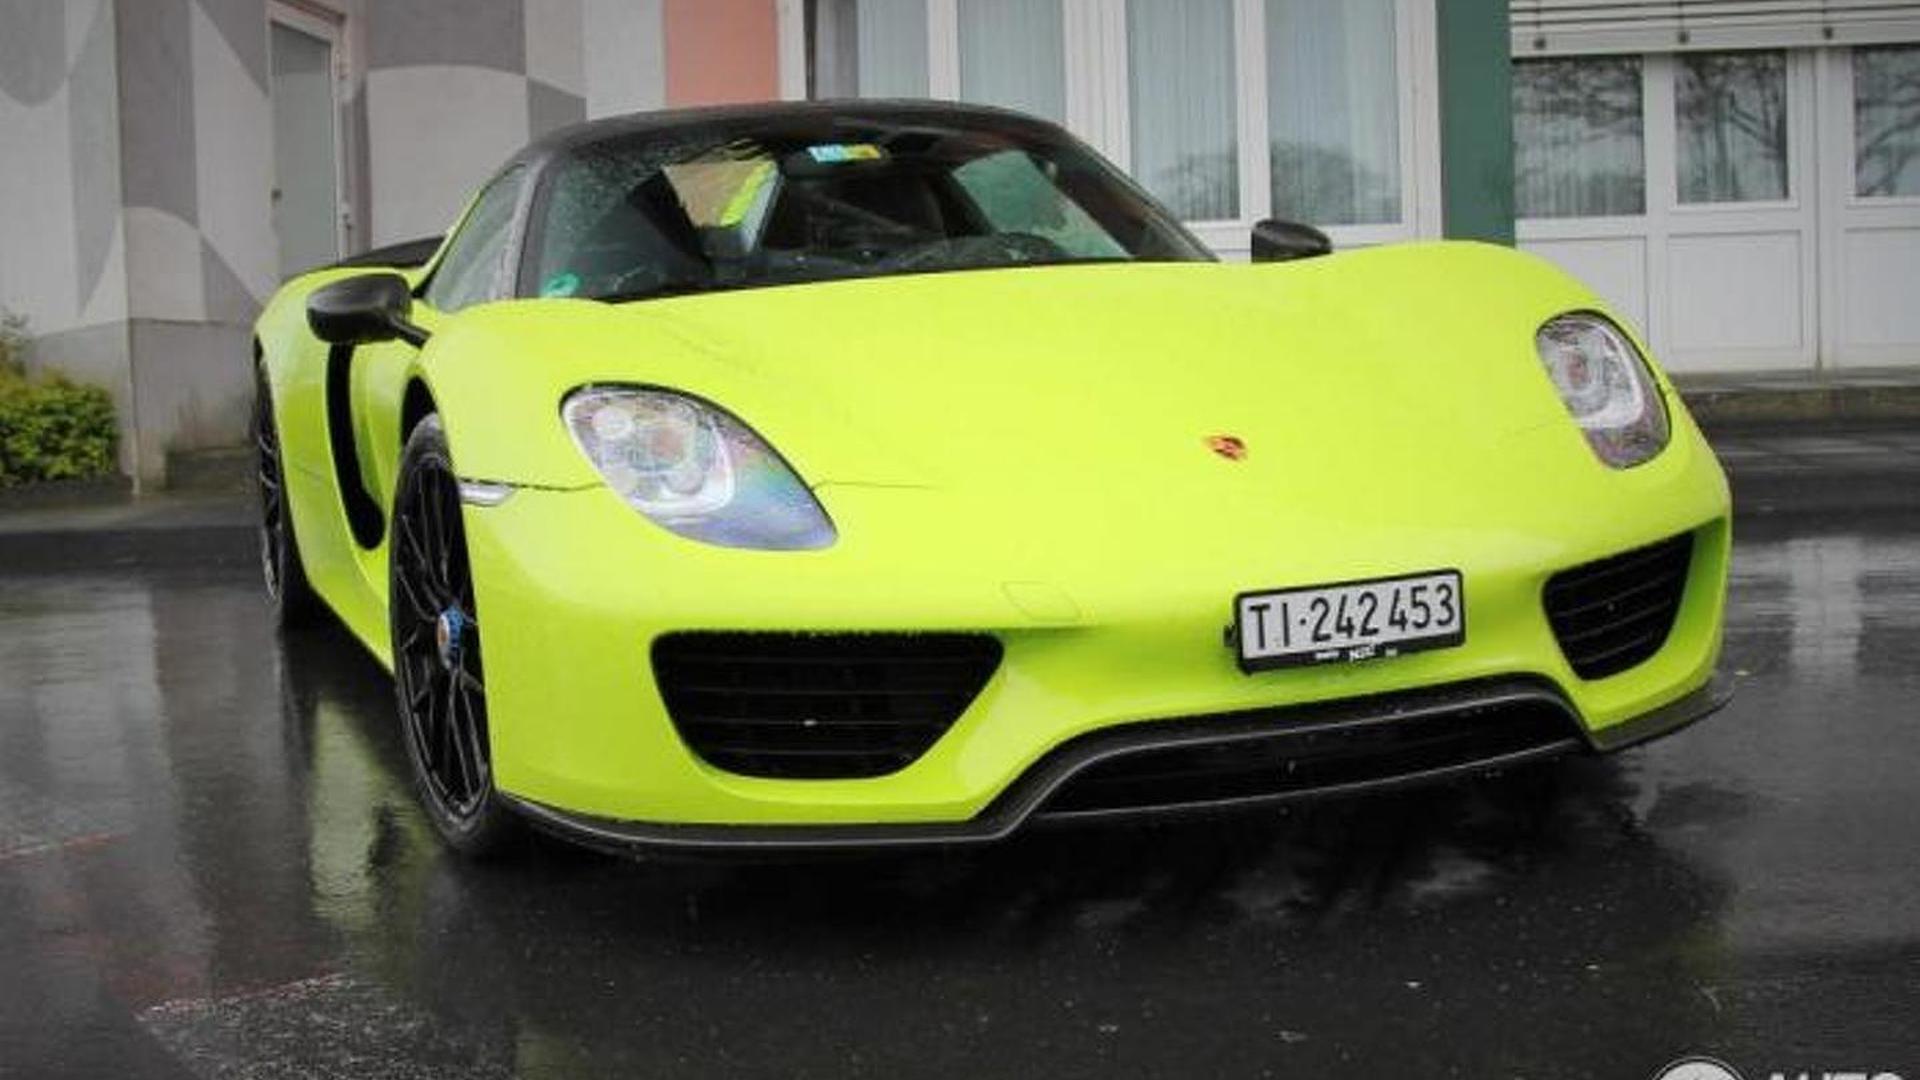 2015-566132-lime-green-porsche-918-spyder-weissach1 Gorgeous Porsche 918 Spyder Acid Green Cars Trend